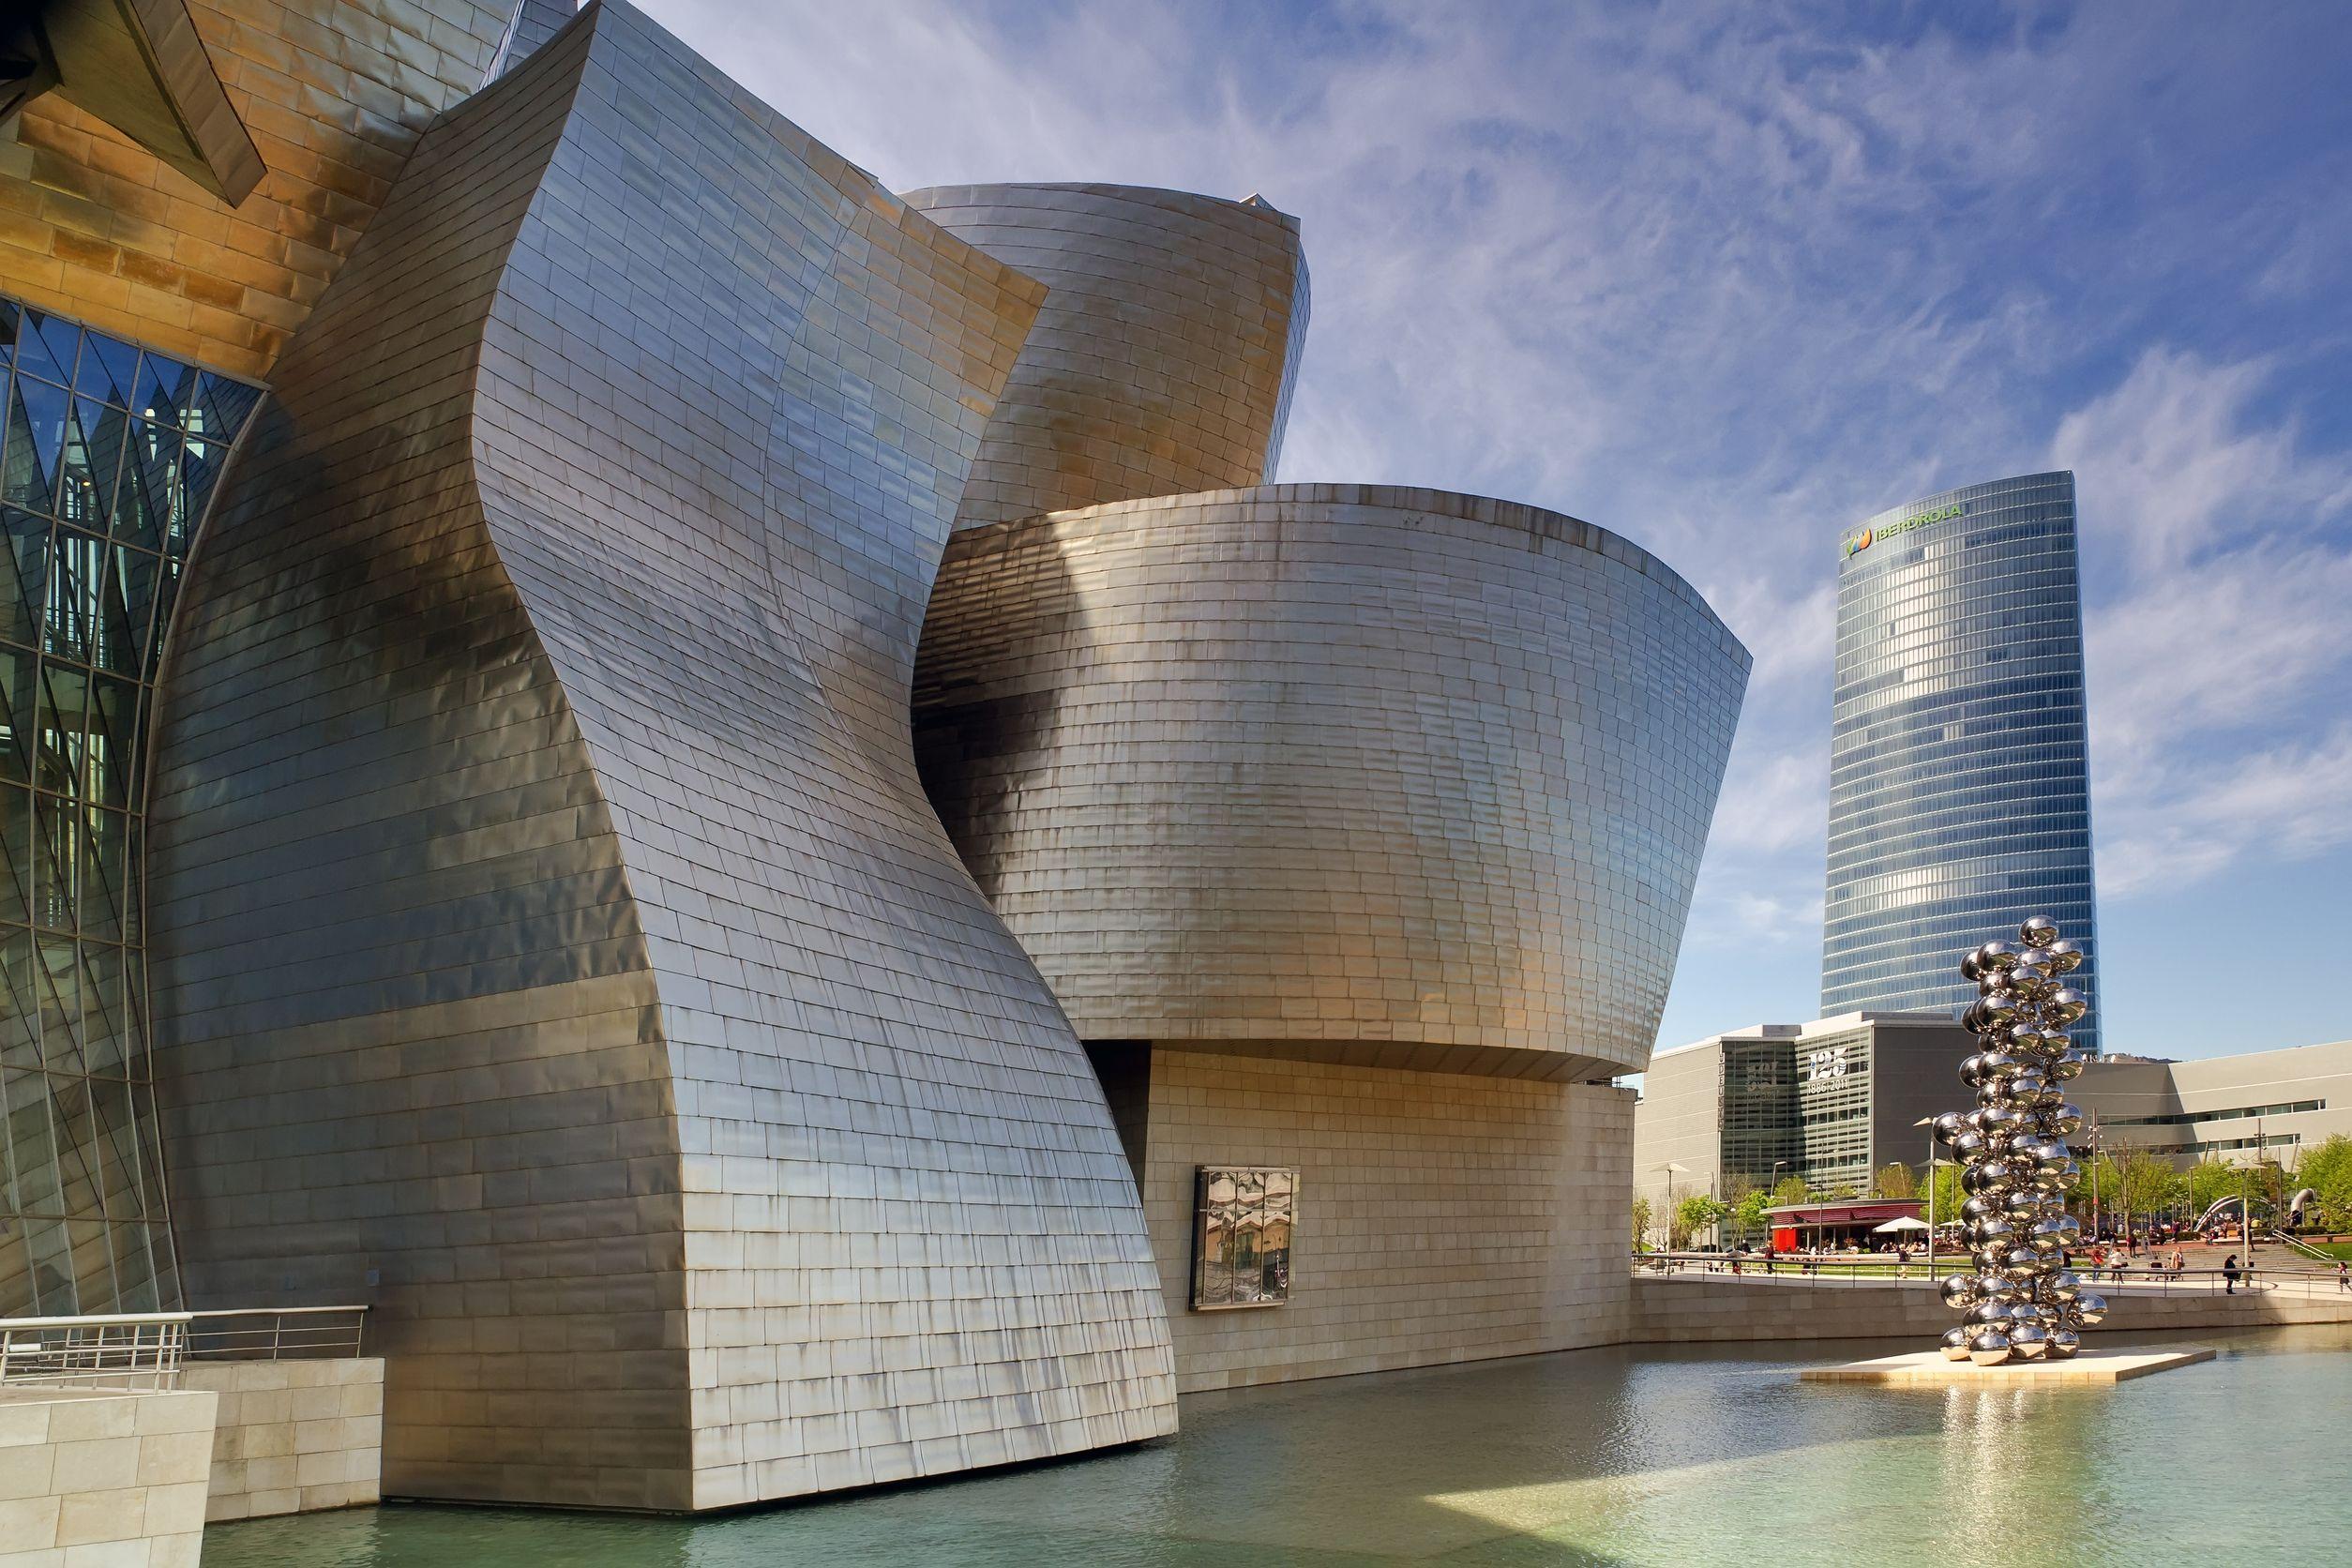 Hotel Arana Bilbao, escapadas para conocer Bilbao y su Guggenheim